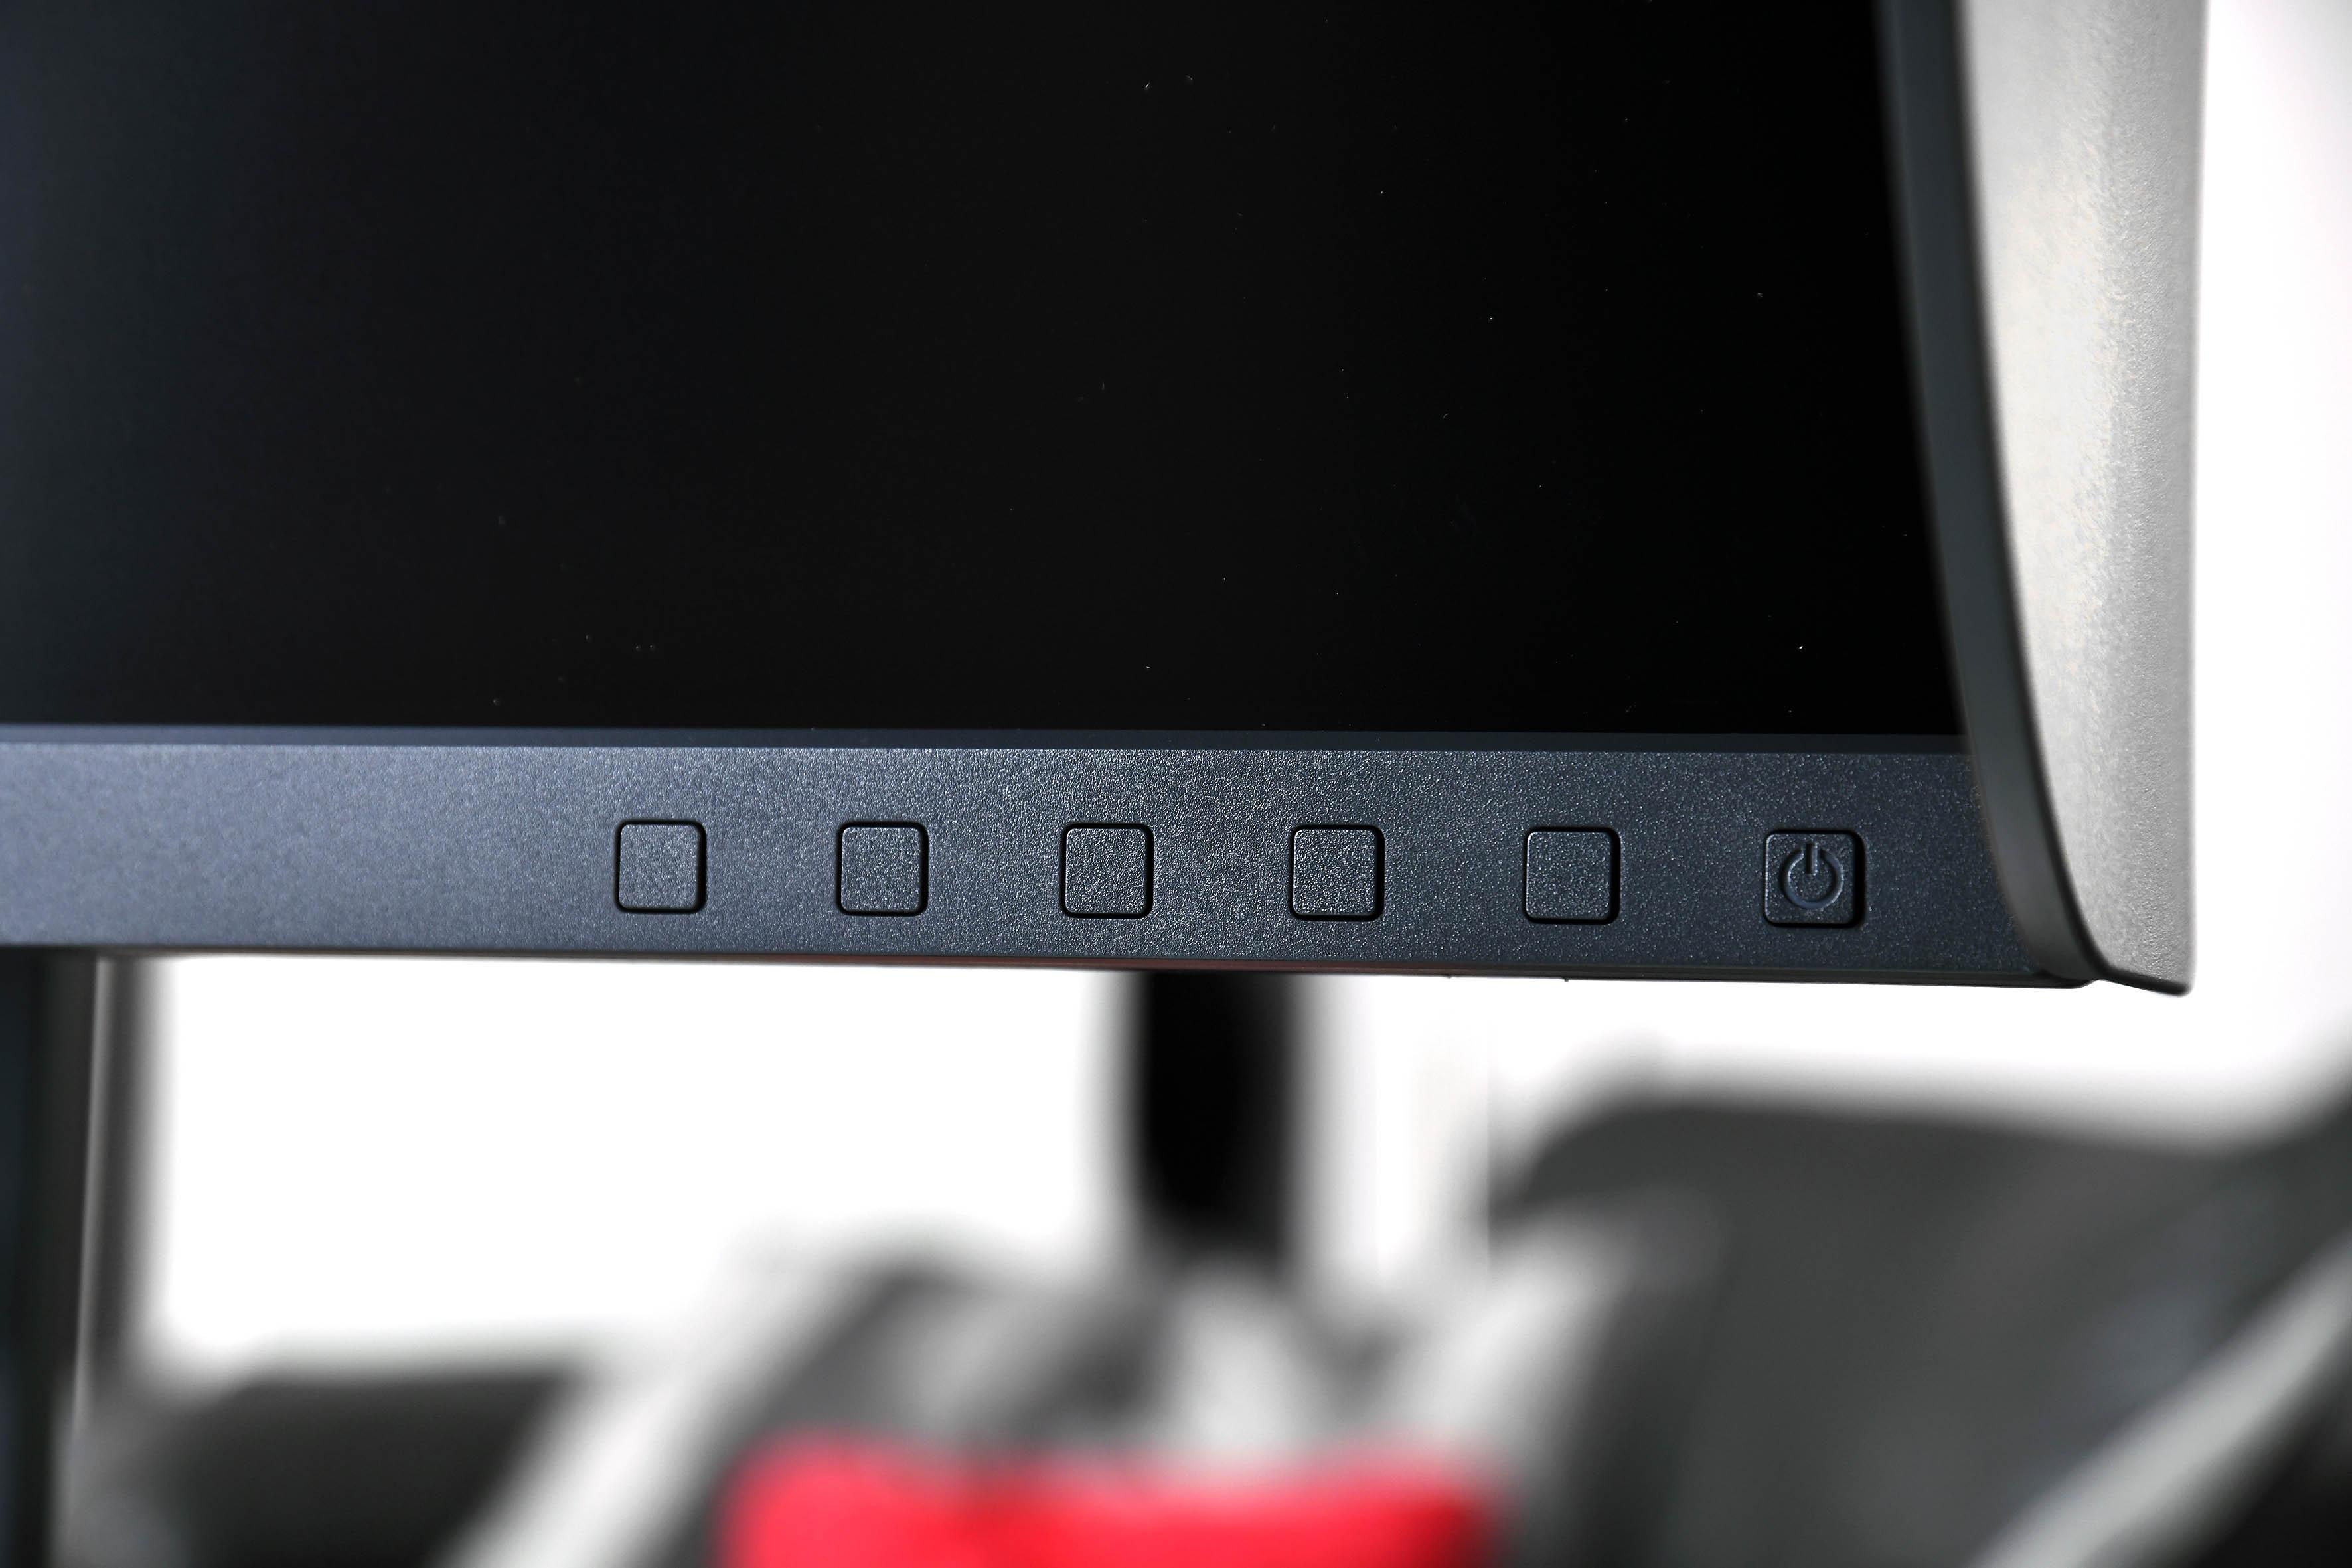 Foto: Michael B. Rehders – Der BenQ SW270 verfügt über eine Tastatur, die recht unauffällig vorne Rahmen eingelassen ist.